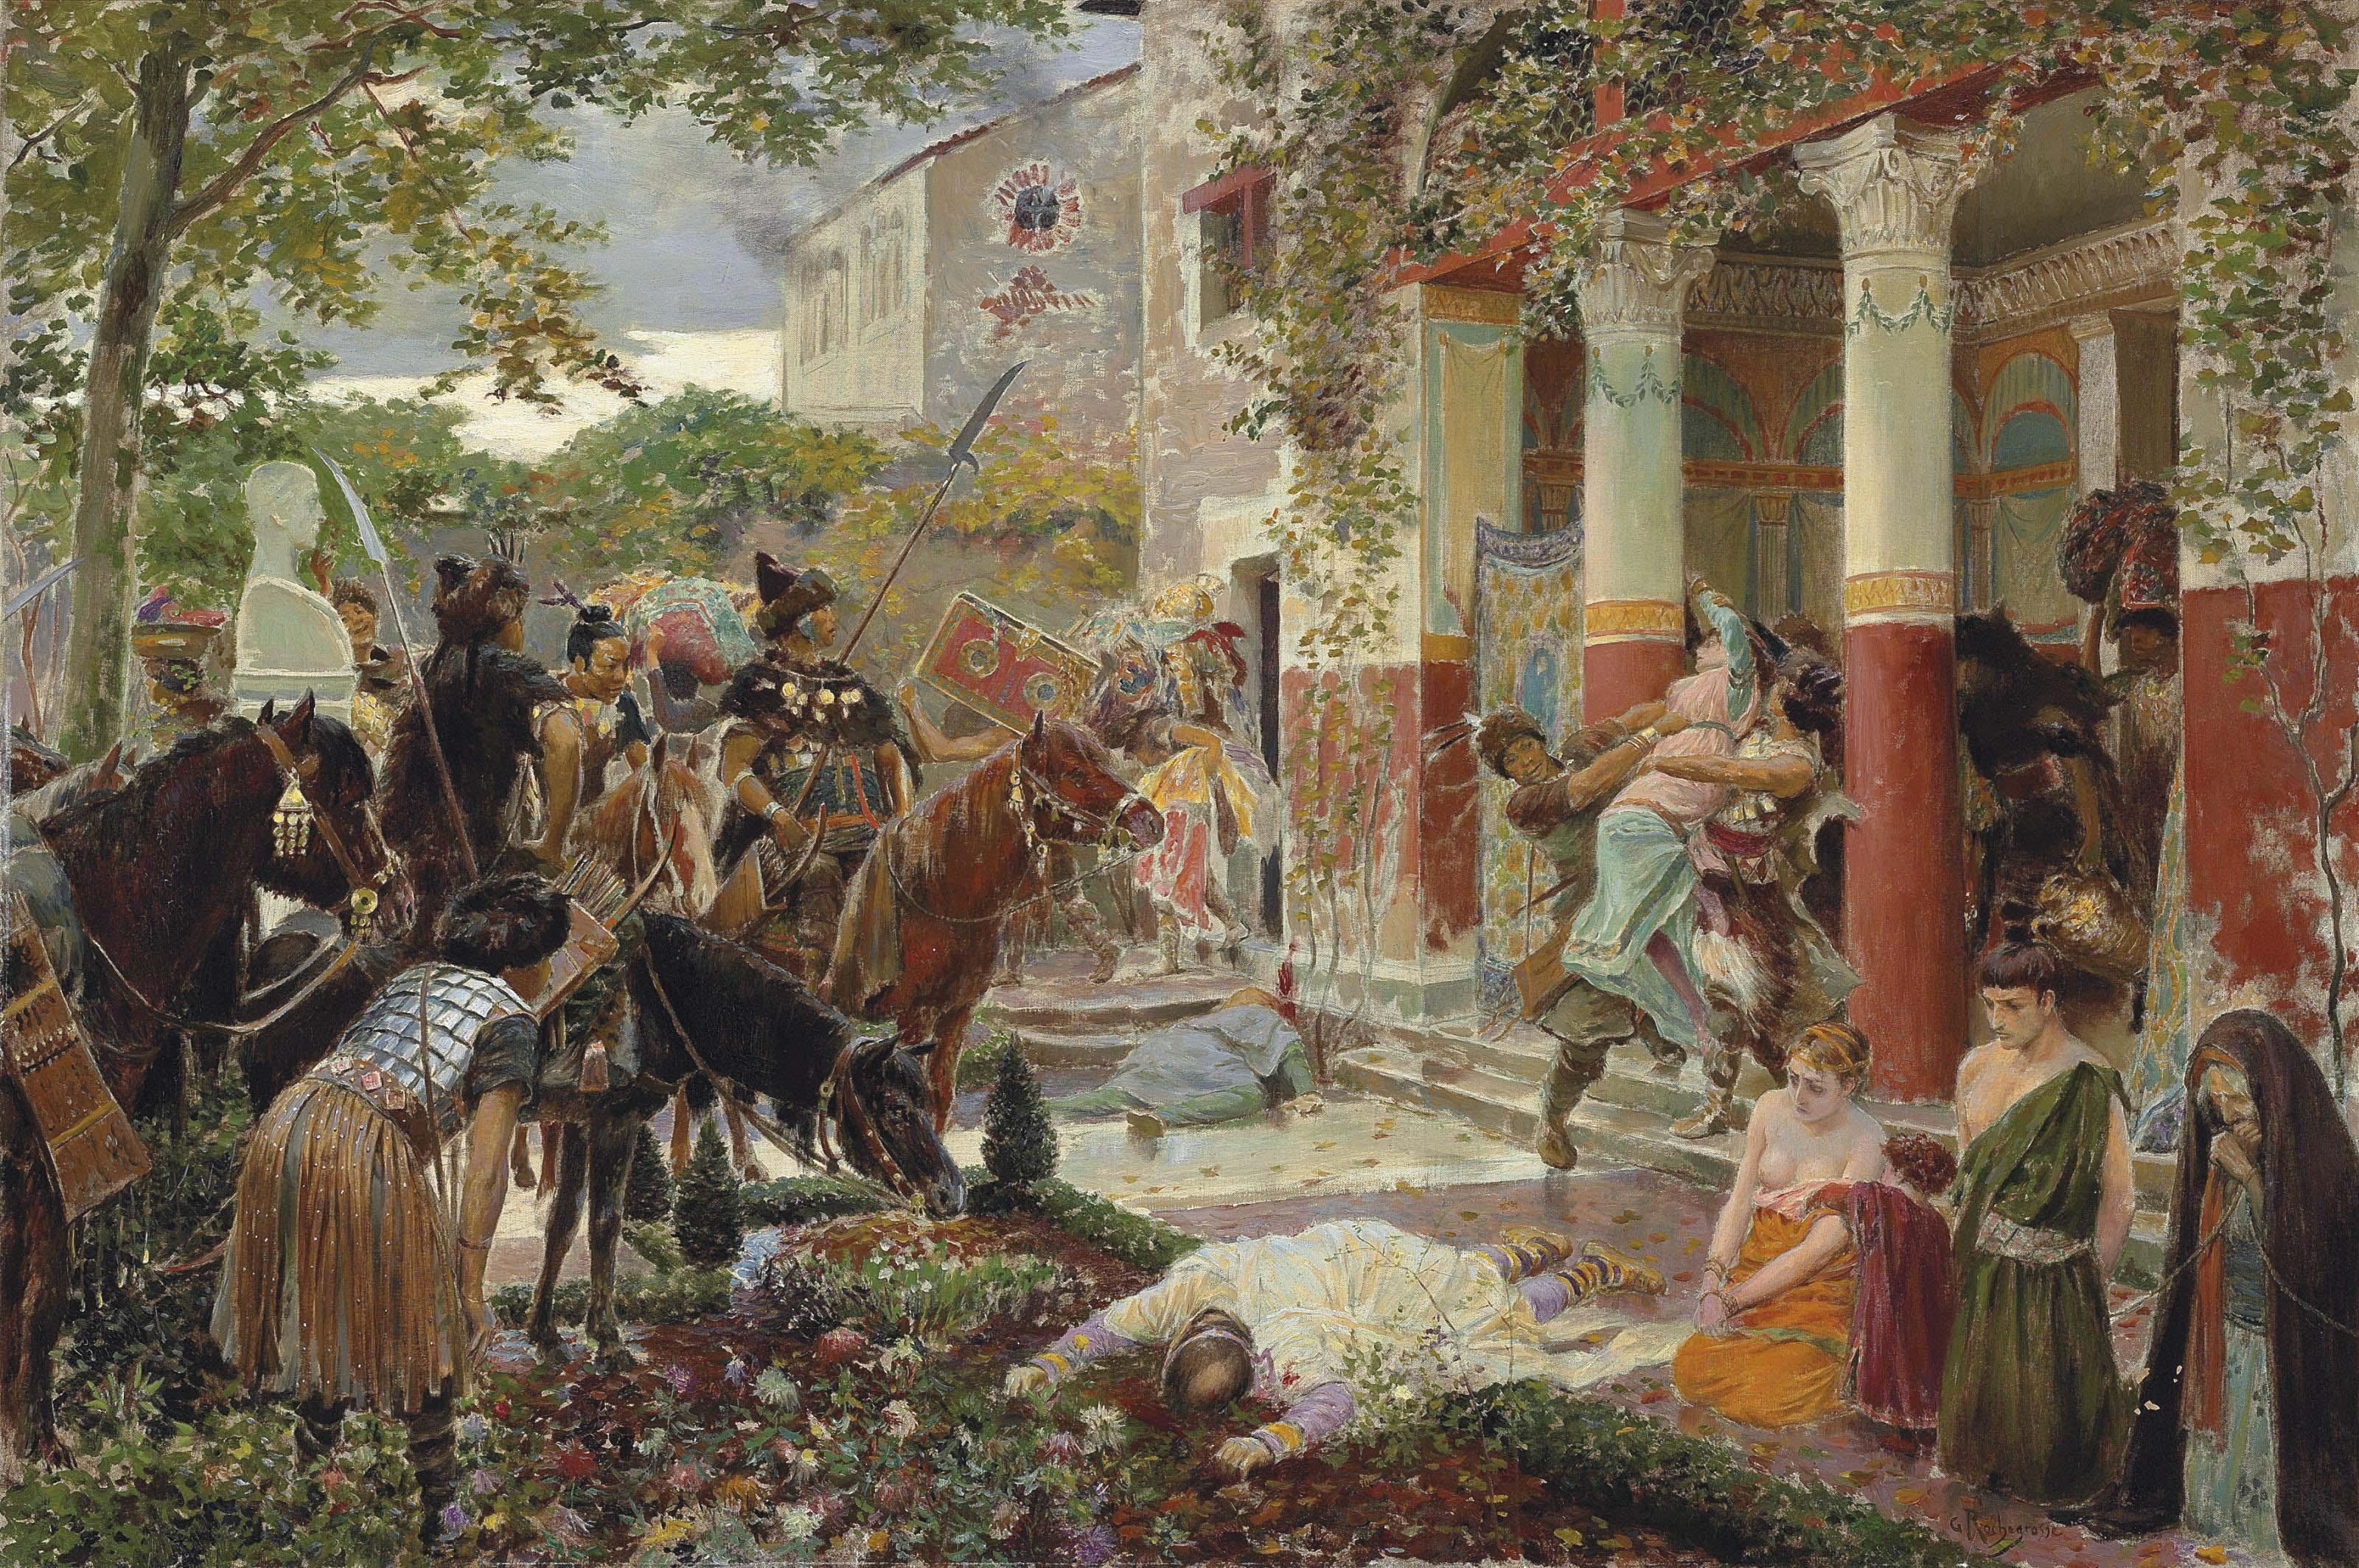 Georges Rochegrosse創作的《阿提拉與匈奴》描繪了高盧地區被洗劫的羅馬別墅。